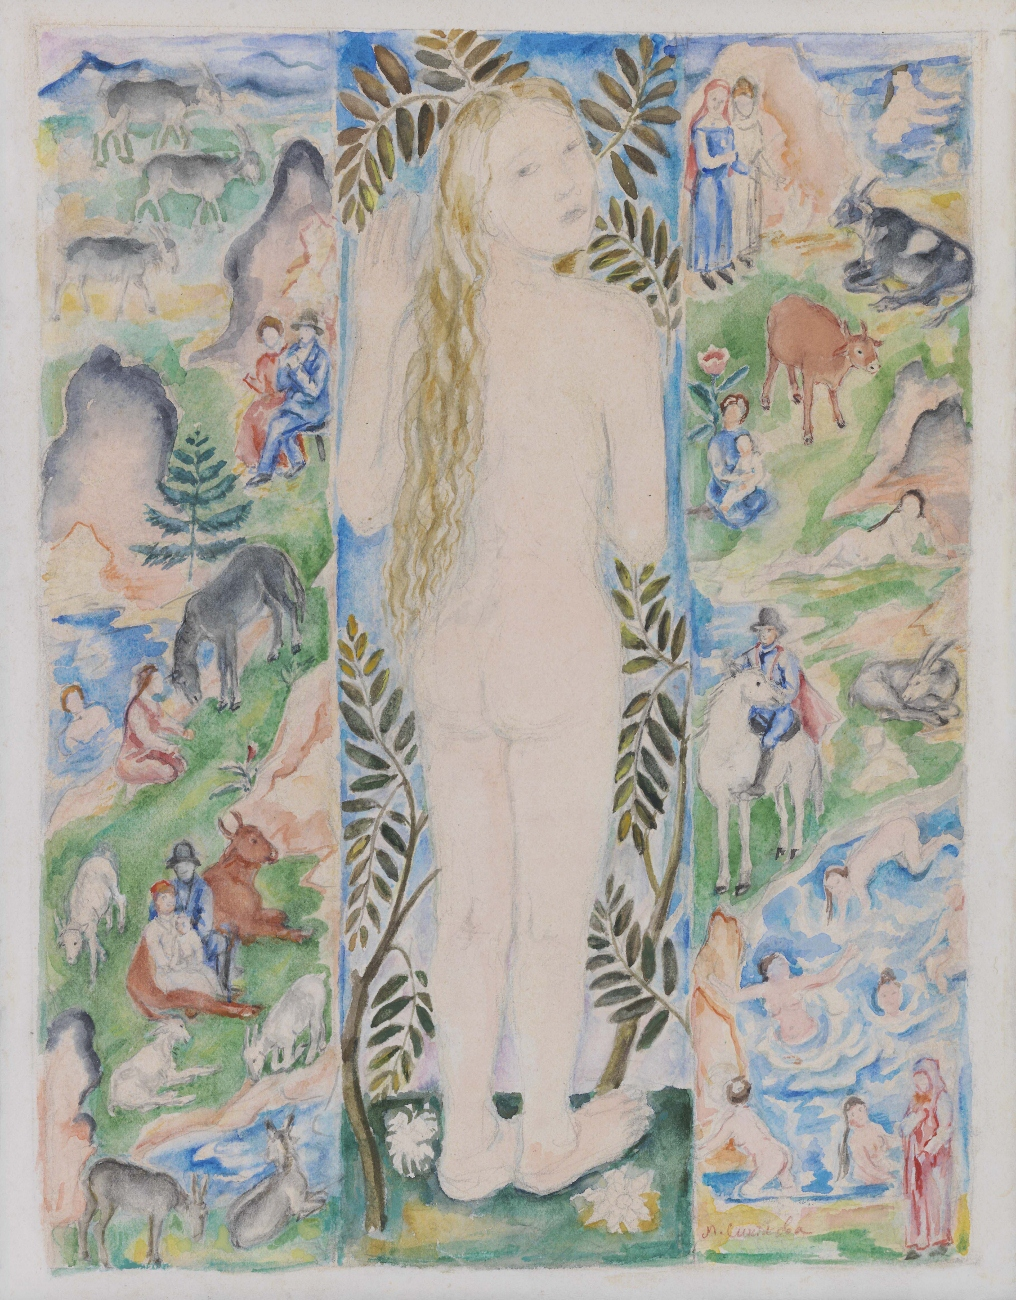 Venus, 1971 - Maria Sinyakova